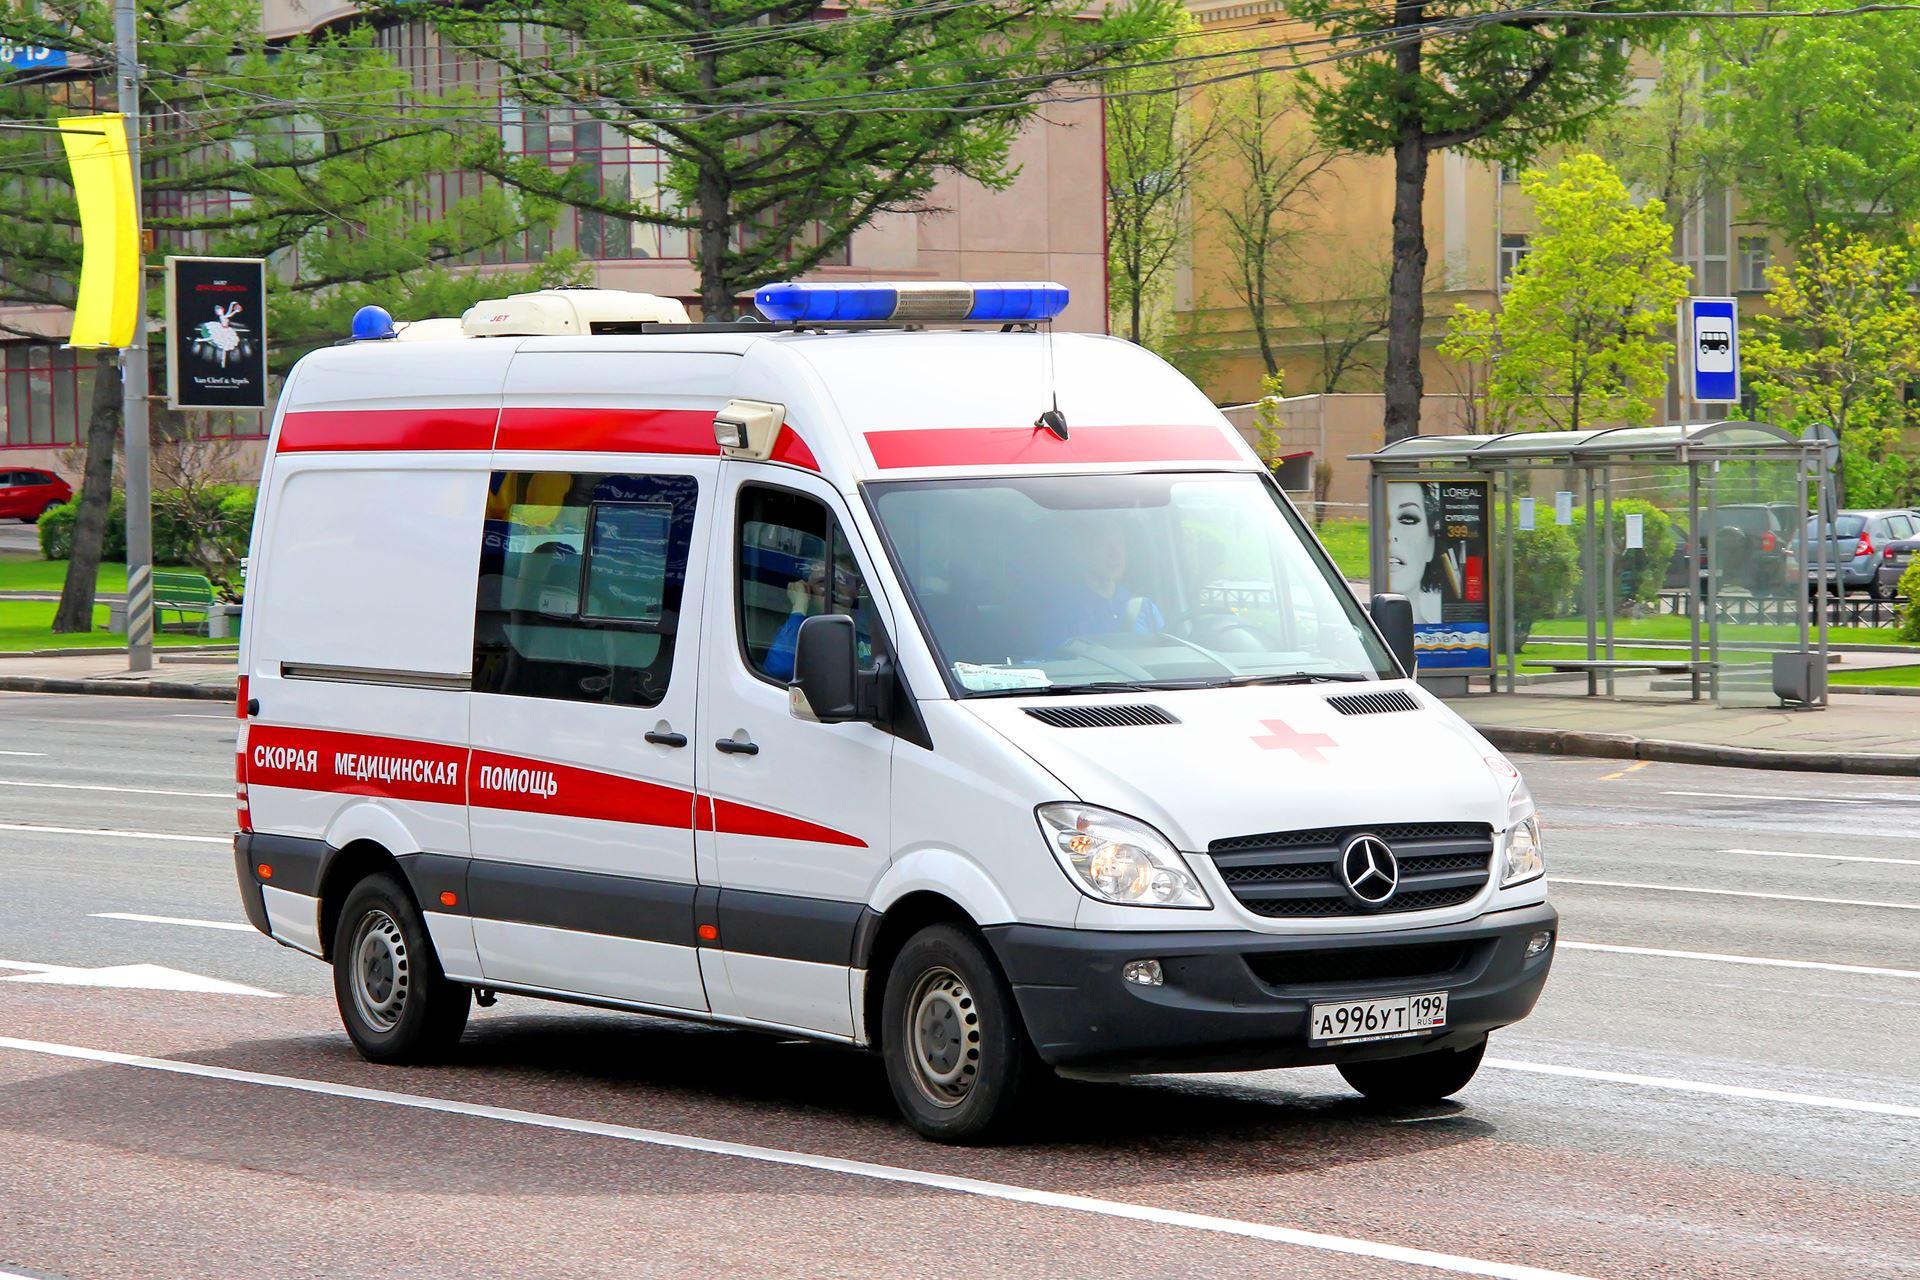 В Симферополе врача скорой помощи ранили ножом в шею